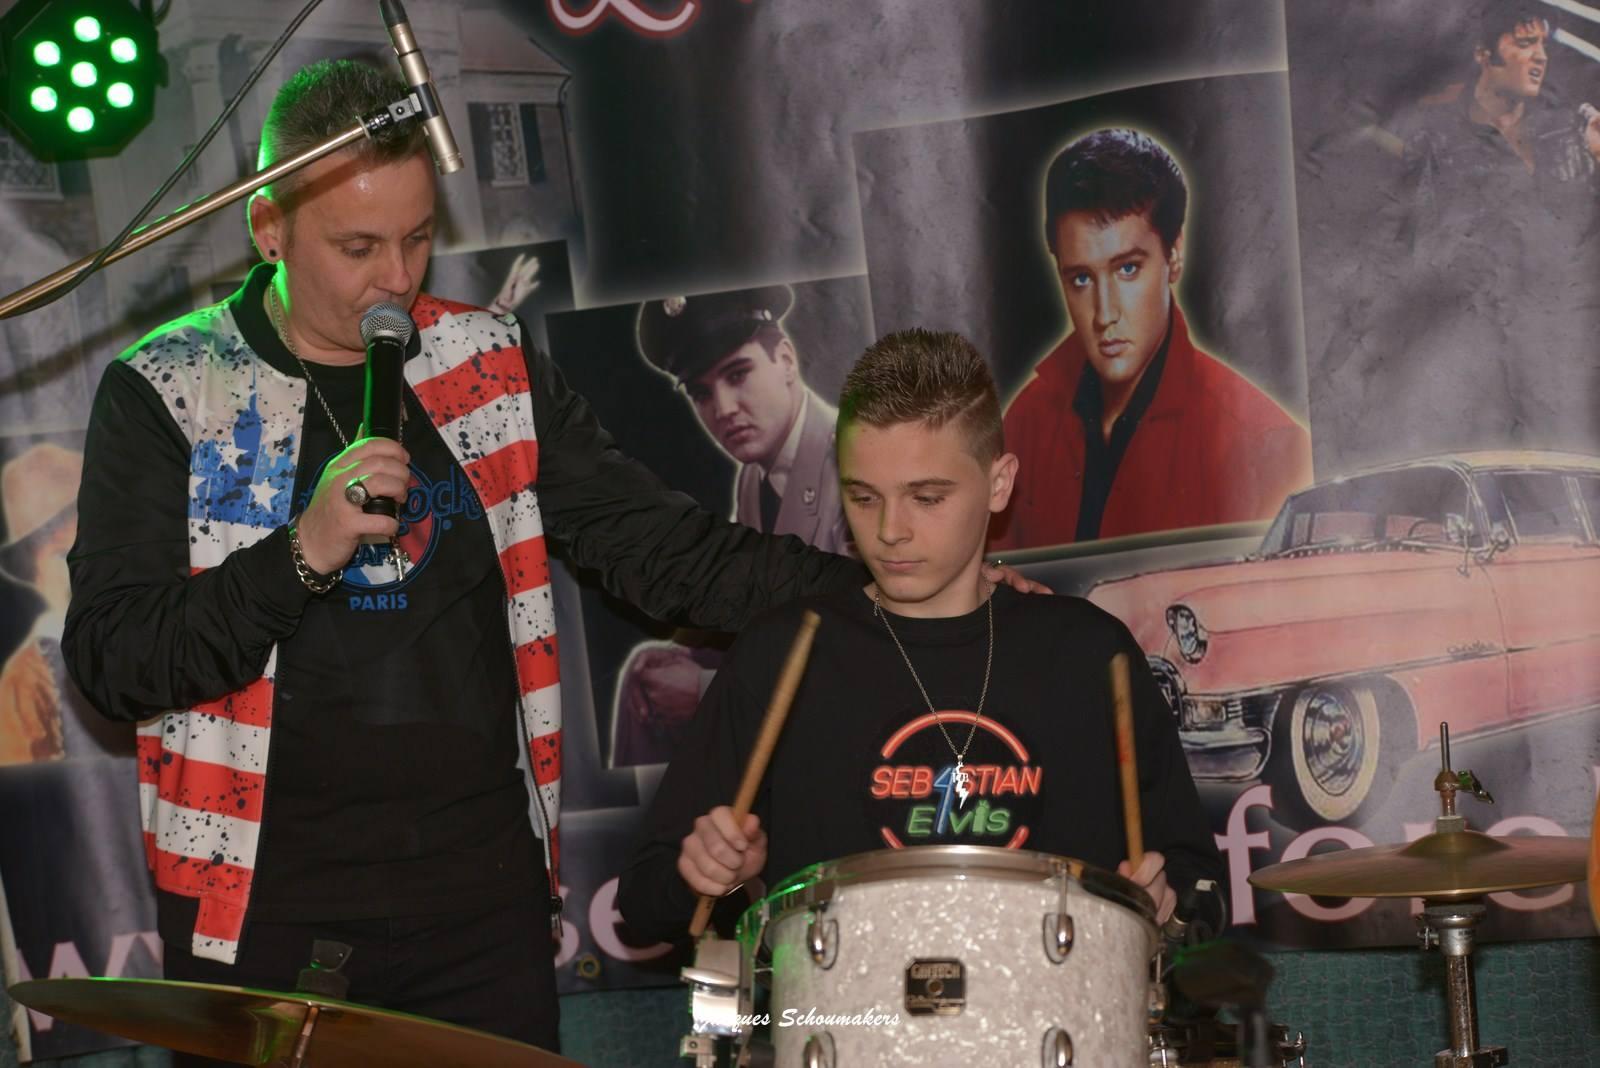 07-Sebastian-For-Elvis-Croisiere-americaine-pays-de-liege-facebook